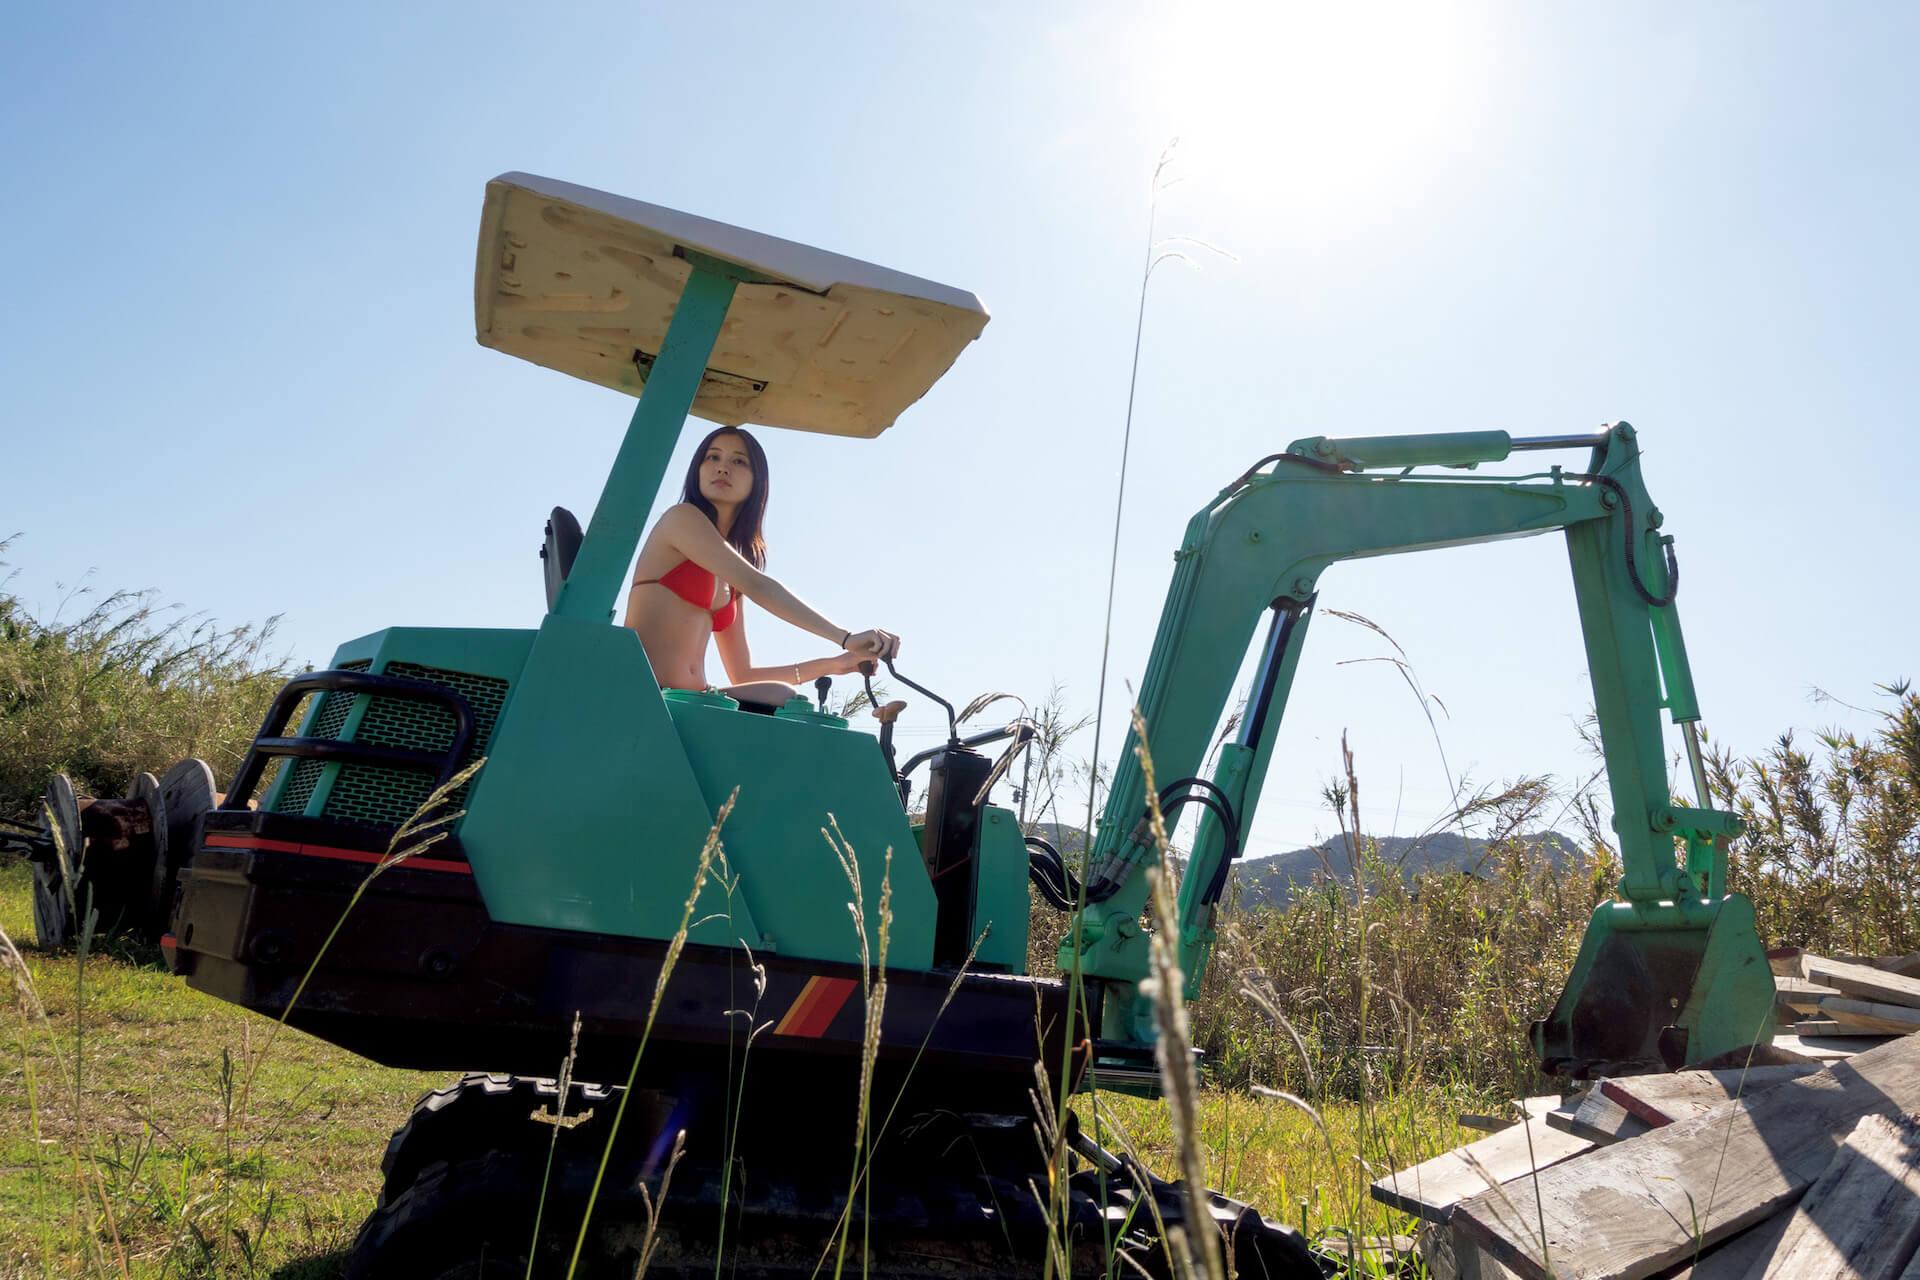 今週号『FLASH』にはアダルトなセクシーさで魅了する大石絵理の女子旅グラビアがたっぷり収録!表紙には新川優愛が登場 art201201_flash_4